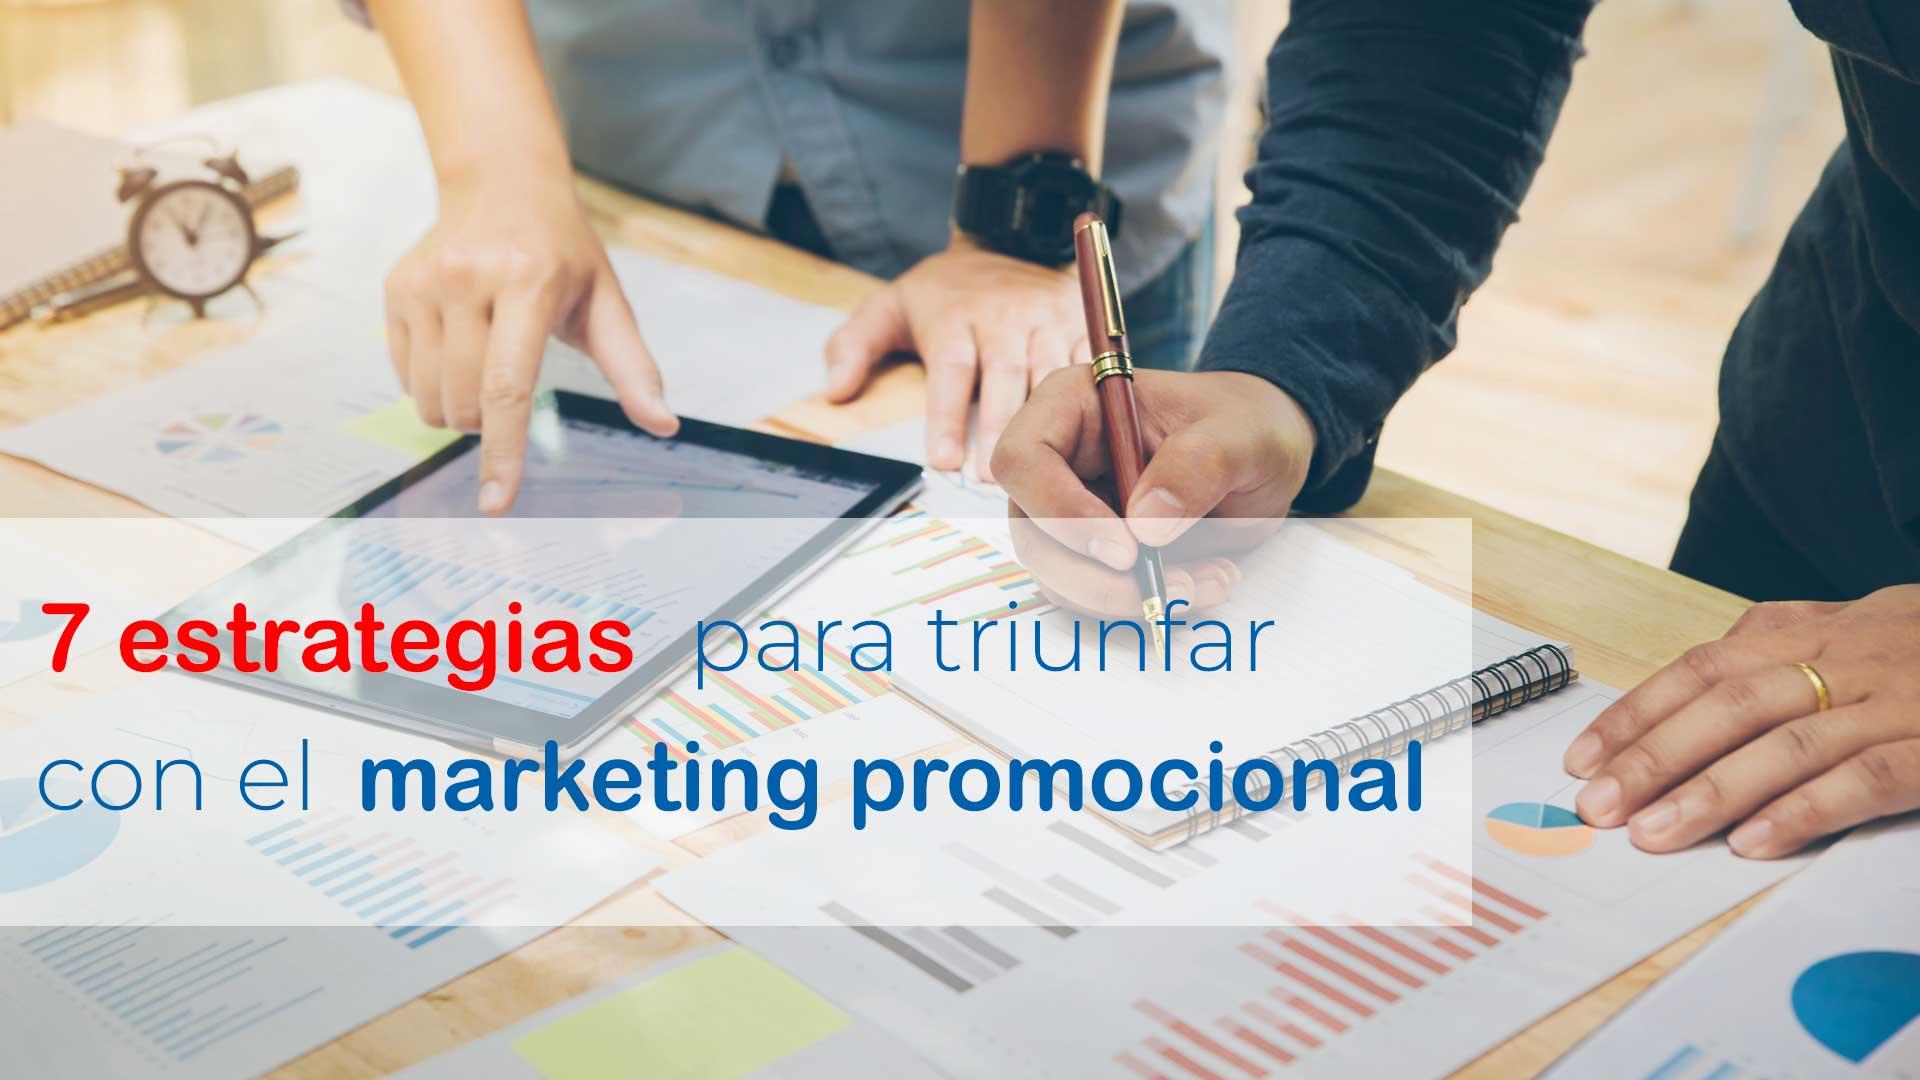 7 estrategias para triunfar con el marketing promocional